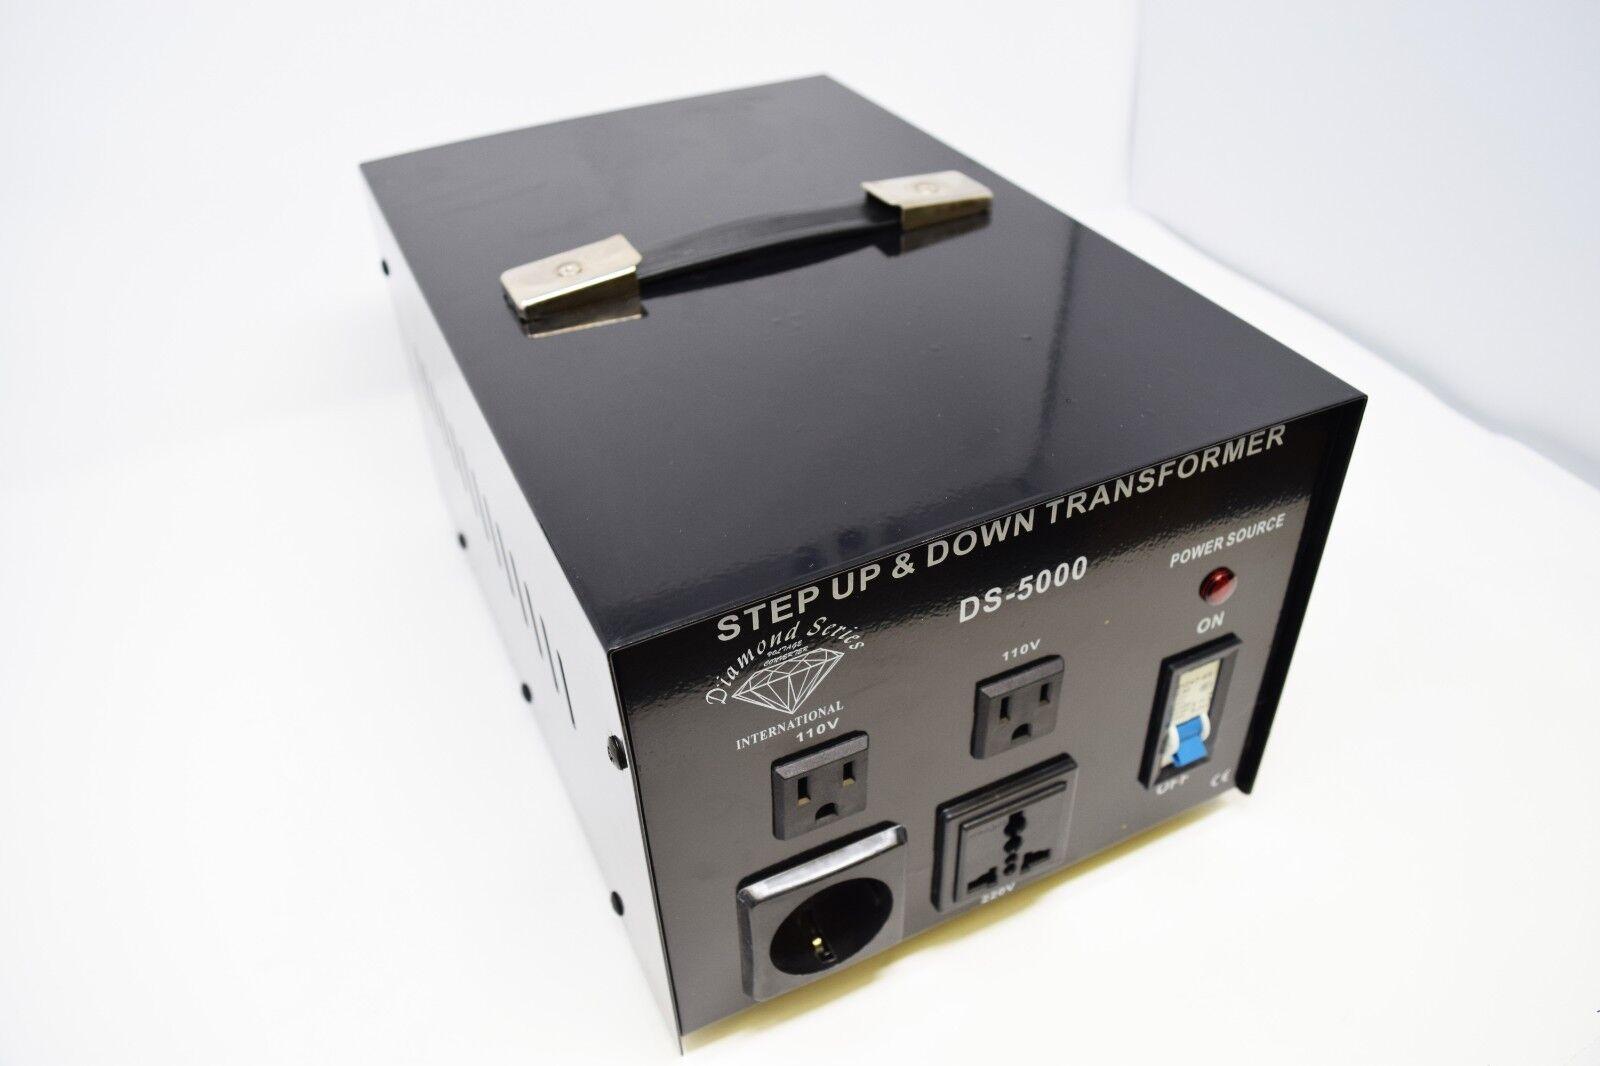 0-5000 Watt Step Up & Down Transformer #DS-5000